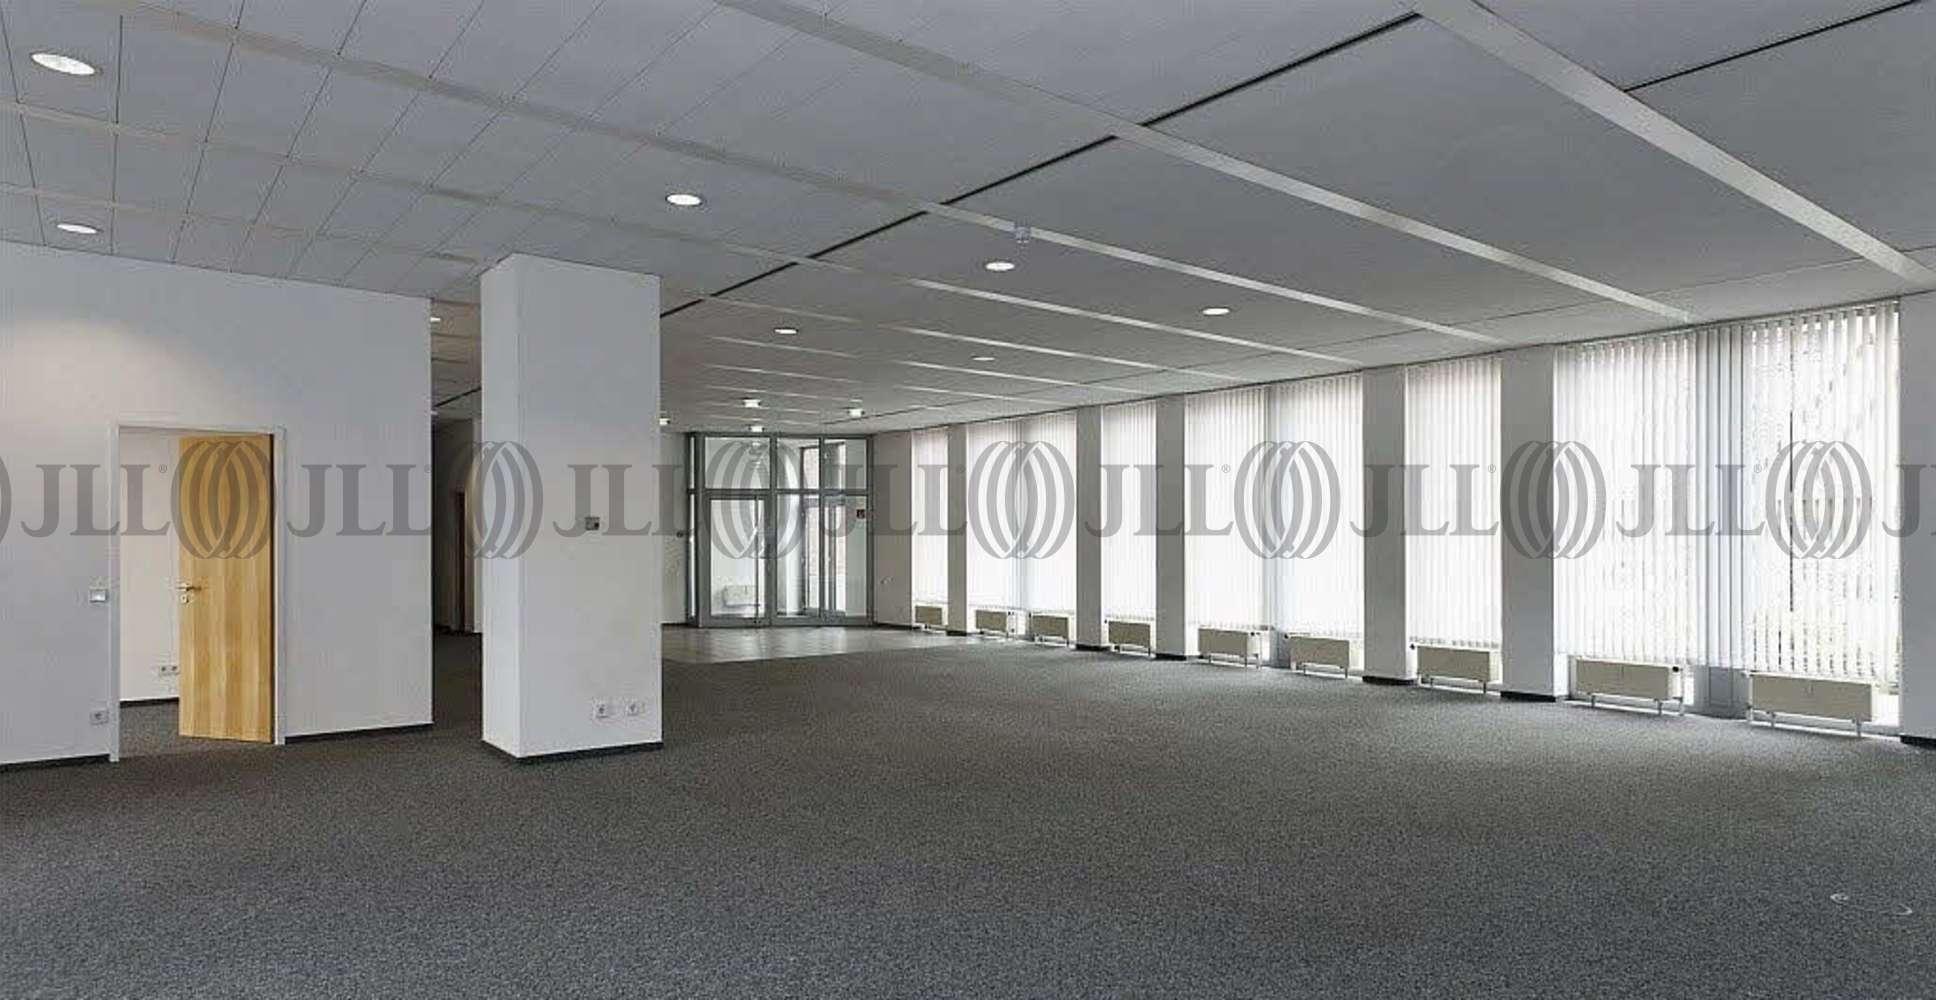 Büros Frankfurt am main, 60327 - Büro - Frankfurt am Main, Gallus - F2645 - 10366887